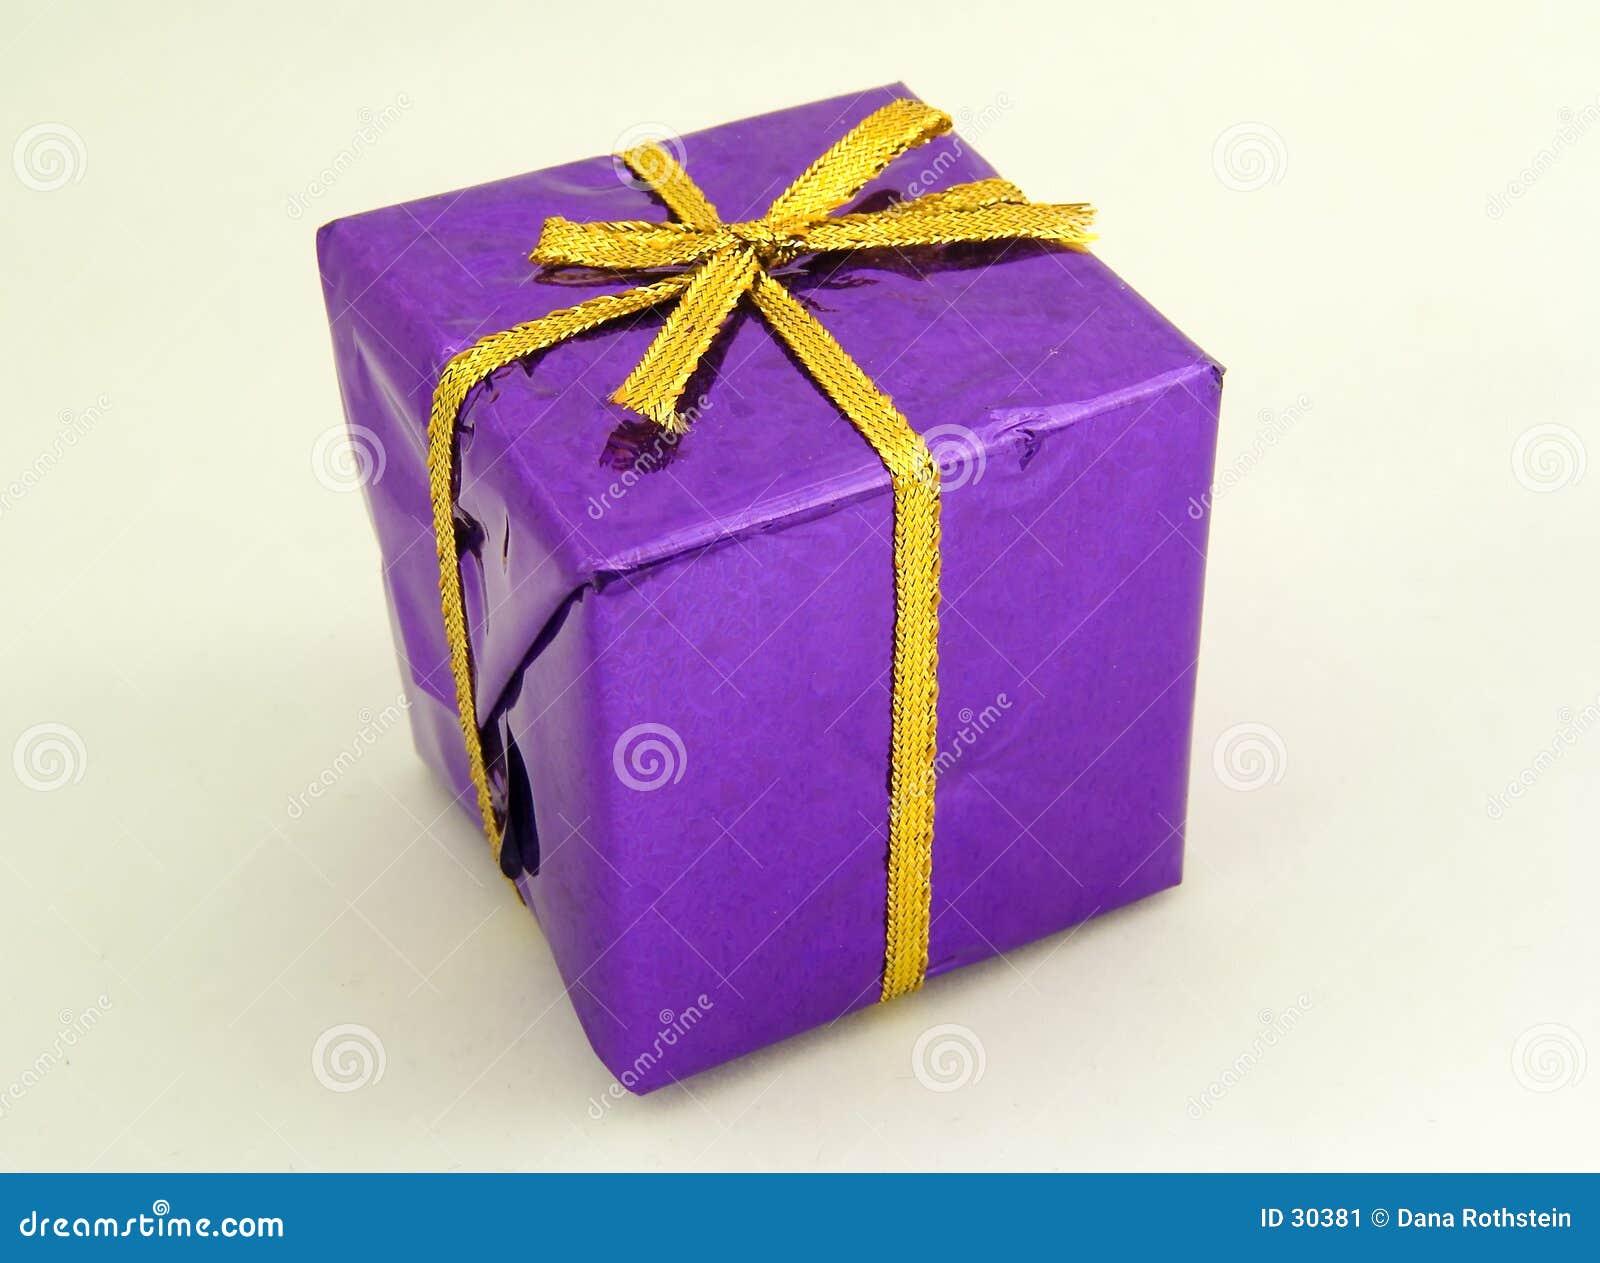 Giftboxpurple